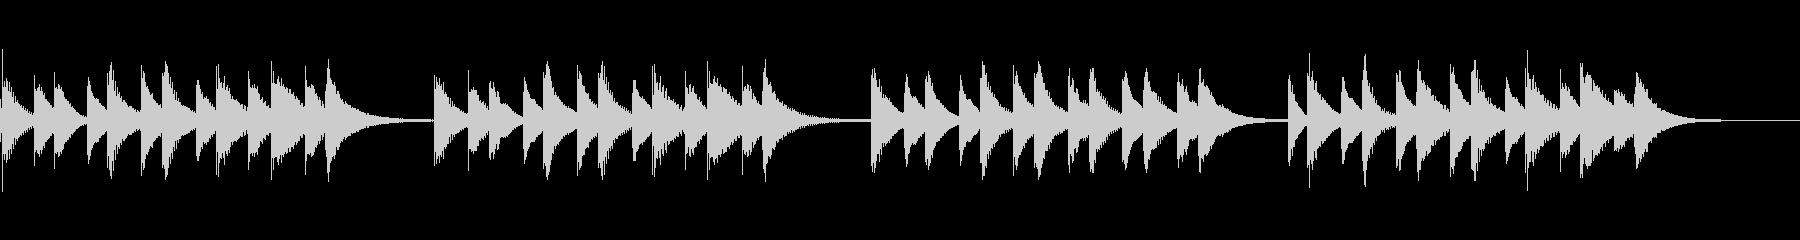 故郷の空 (マリンバ)の未再生の波形